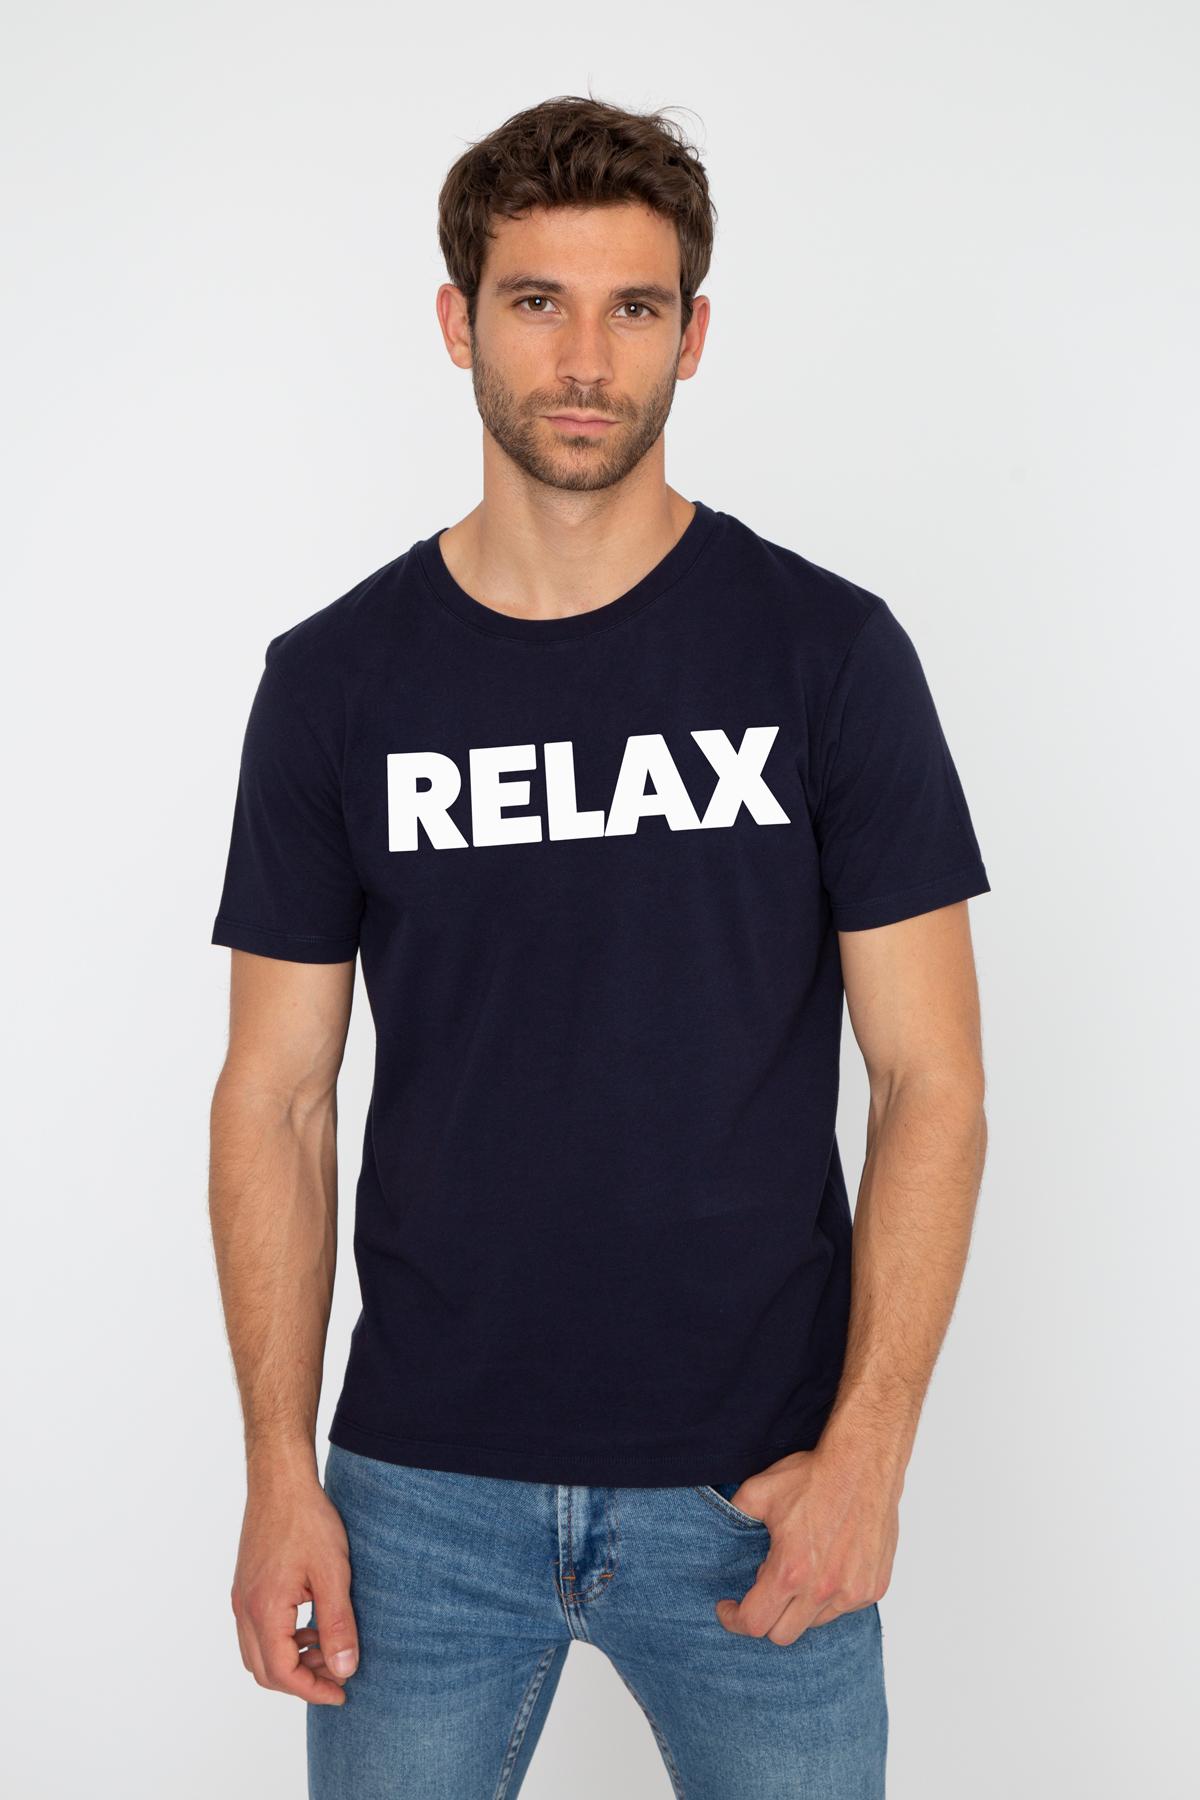 Tshirt RELAX